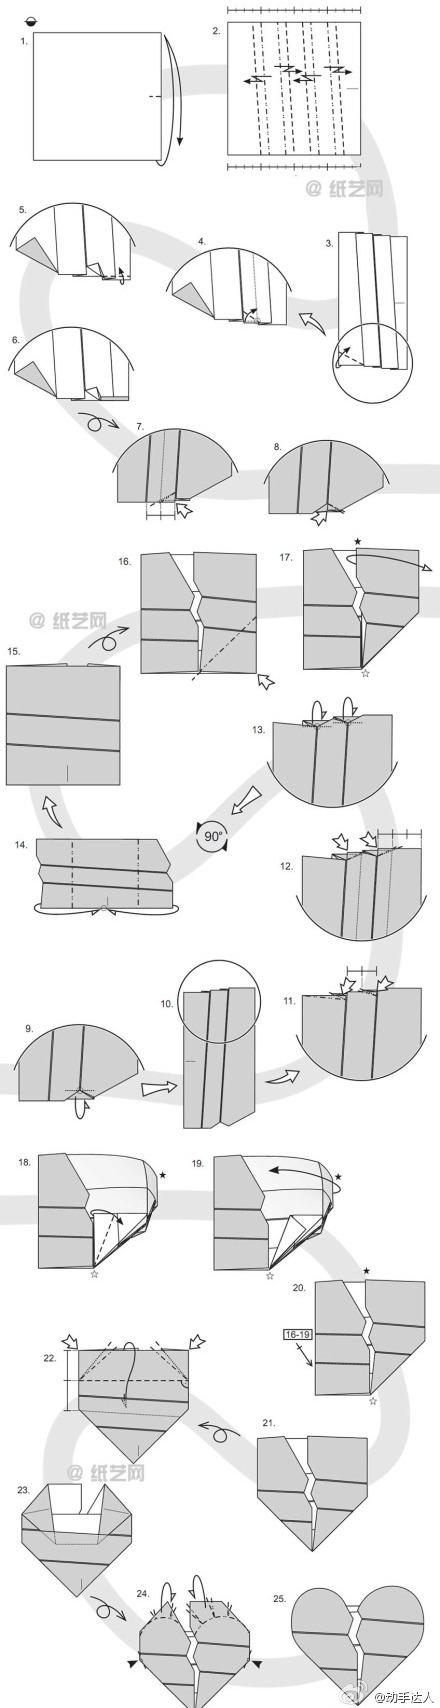 Сердце оригами схема сборки видео